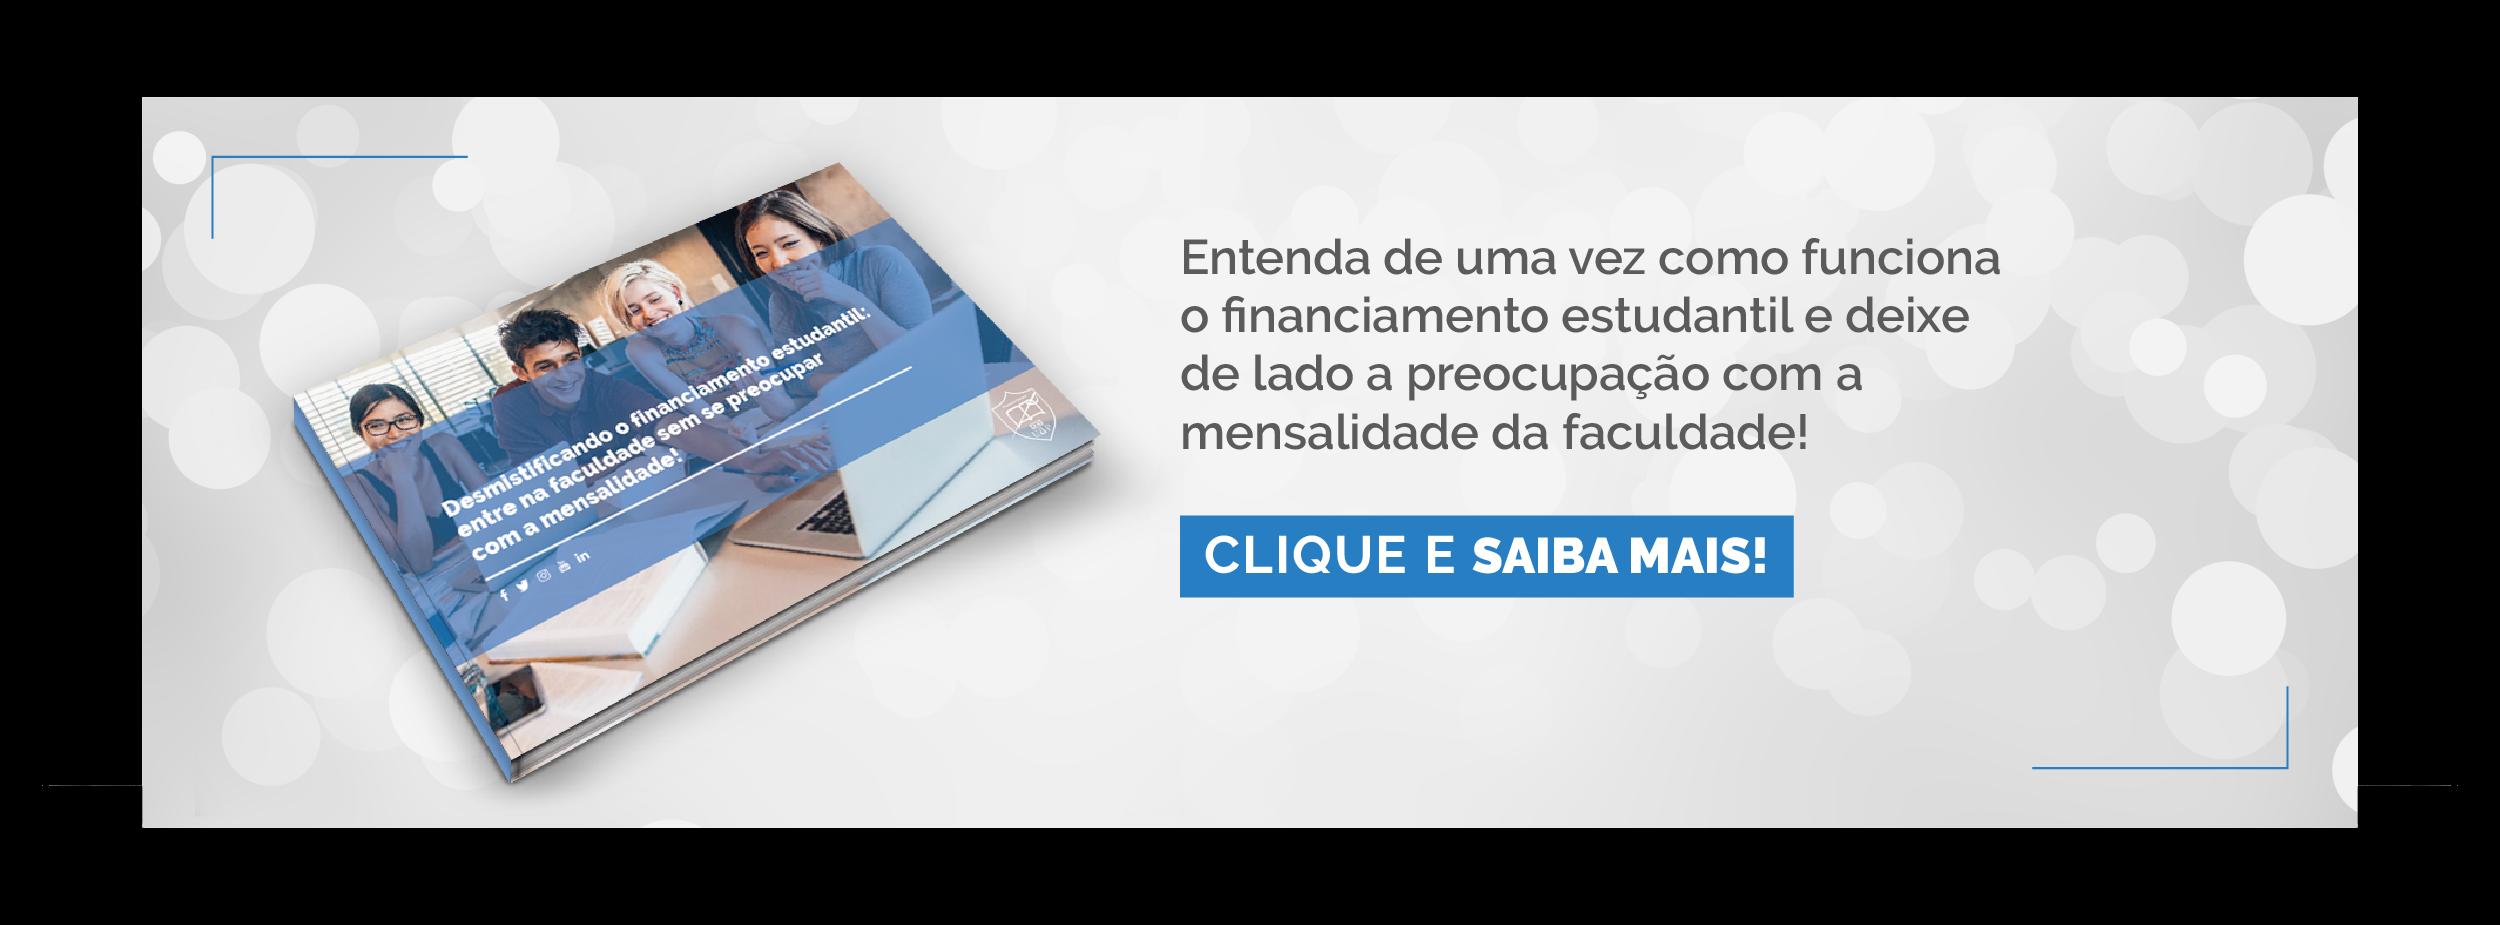 Faça o download do ebook para entender como funciona o Financiamento Estudantil!